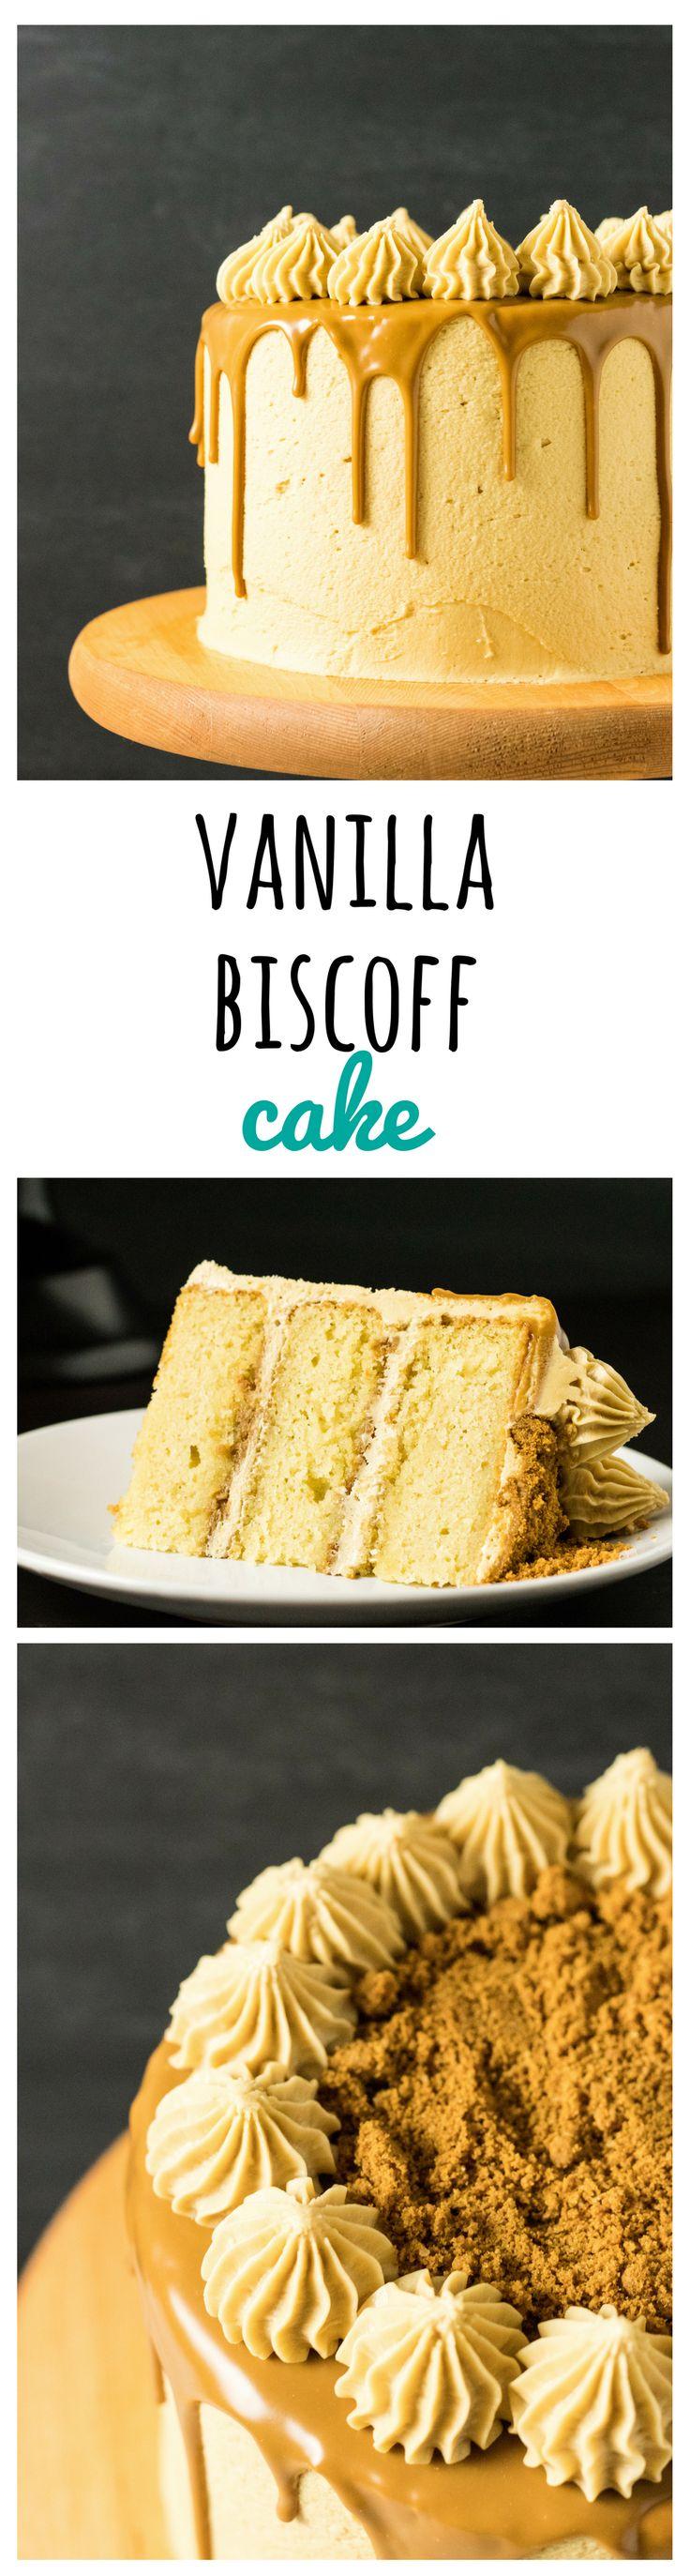 Vanilla Biscoff Layer Cake